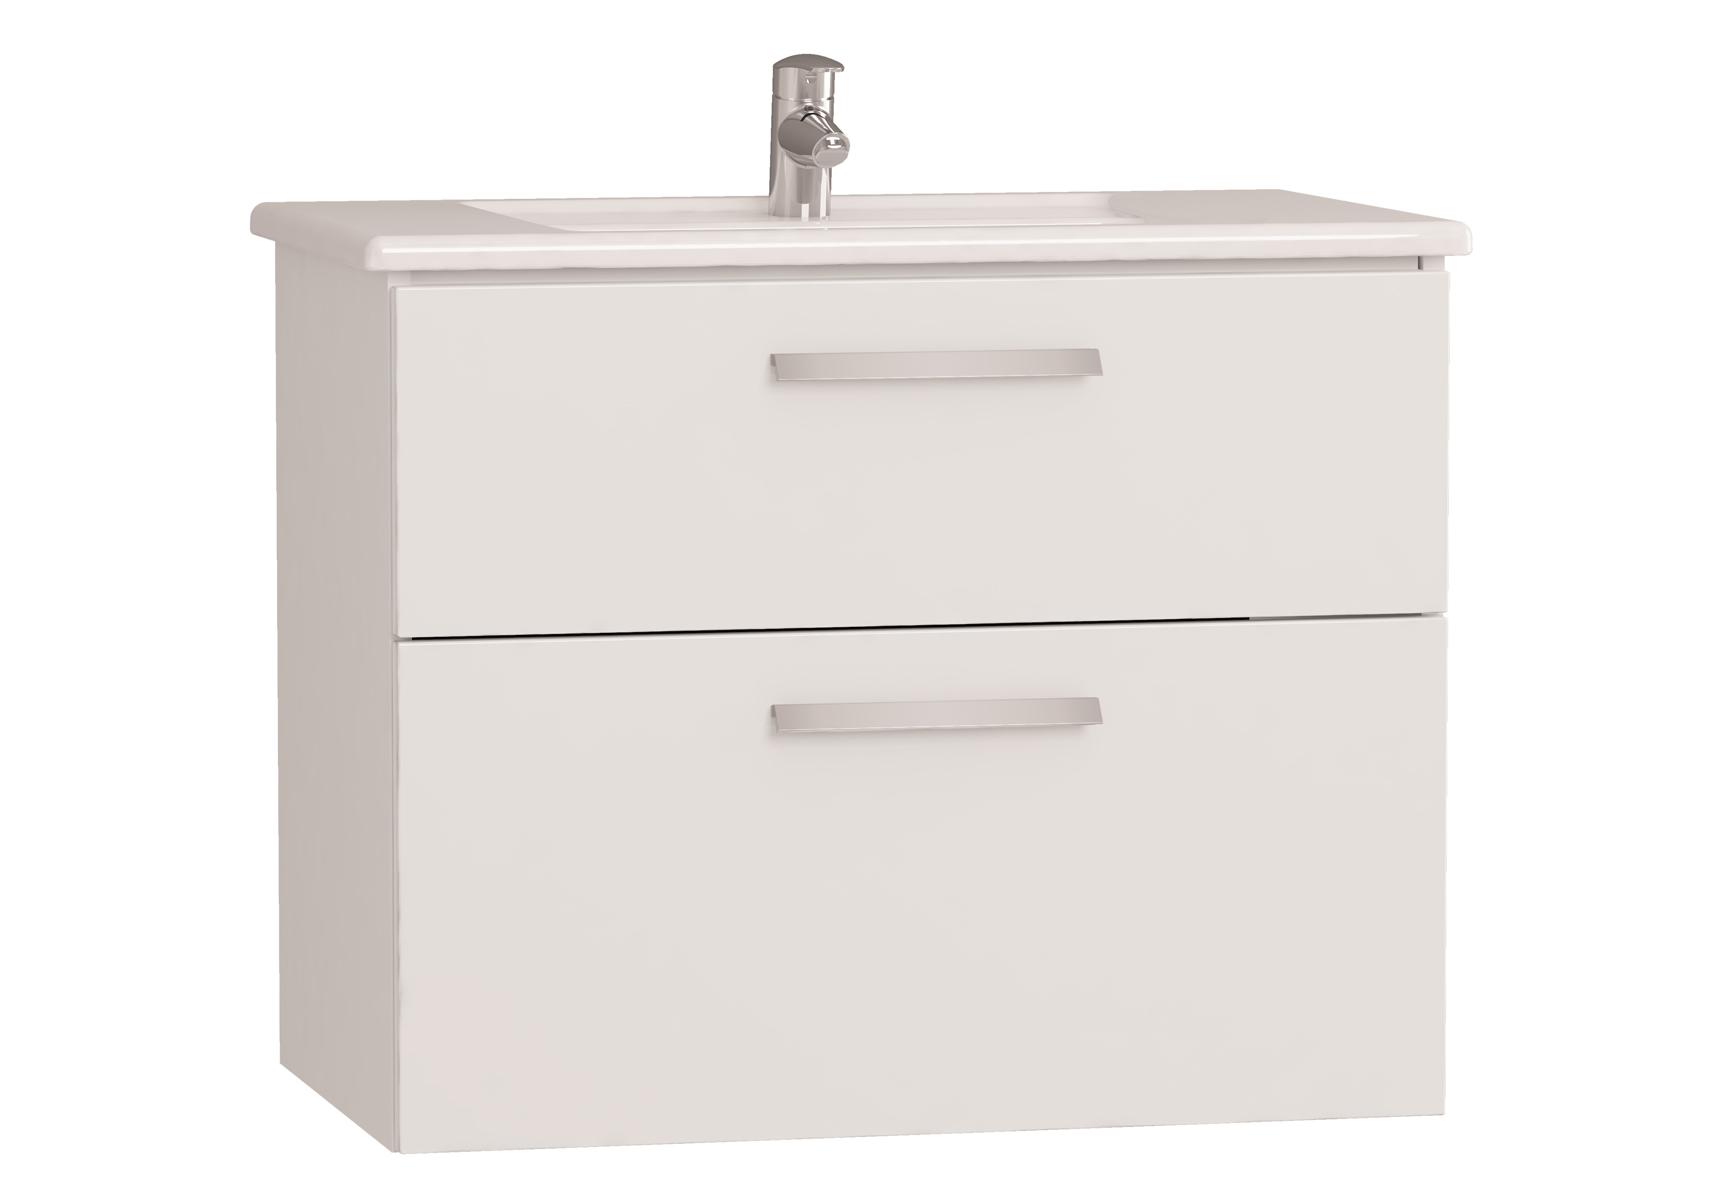 Integra meuble avec plan céramique avec deux tiroirs, 80 cm, blanc haute brillance